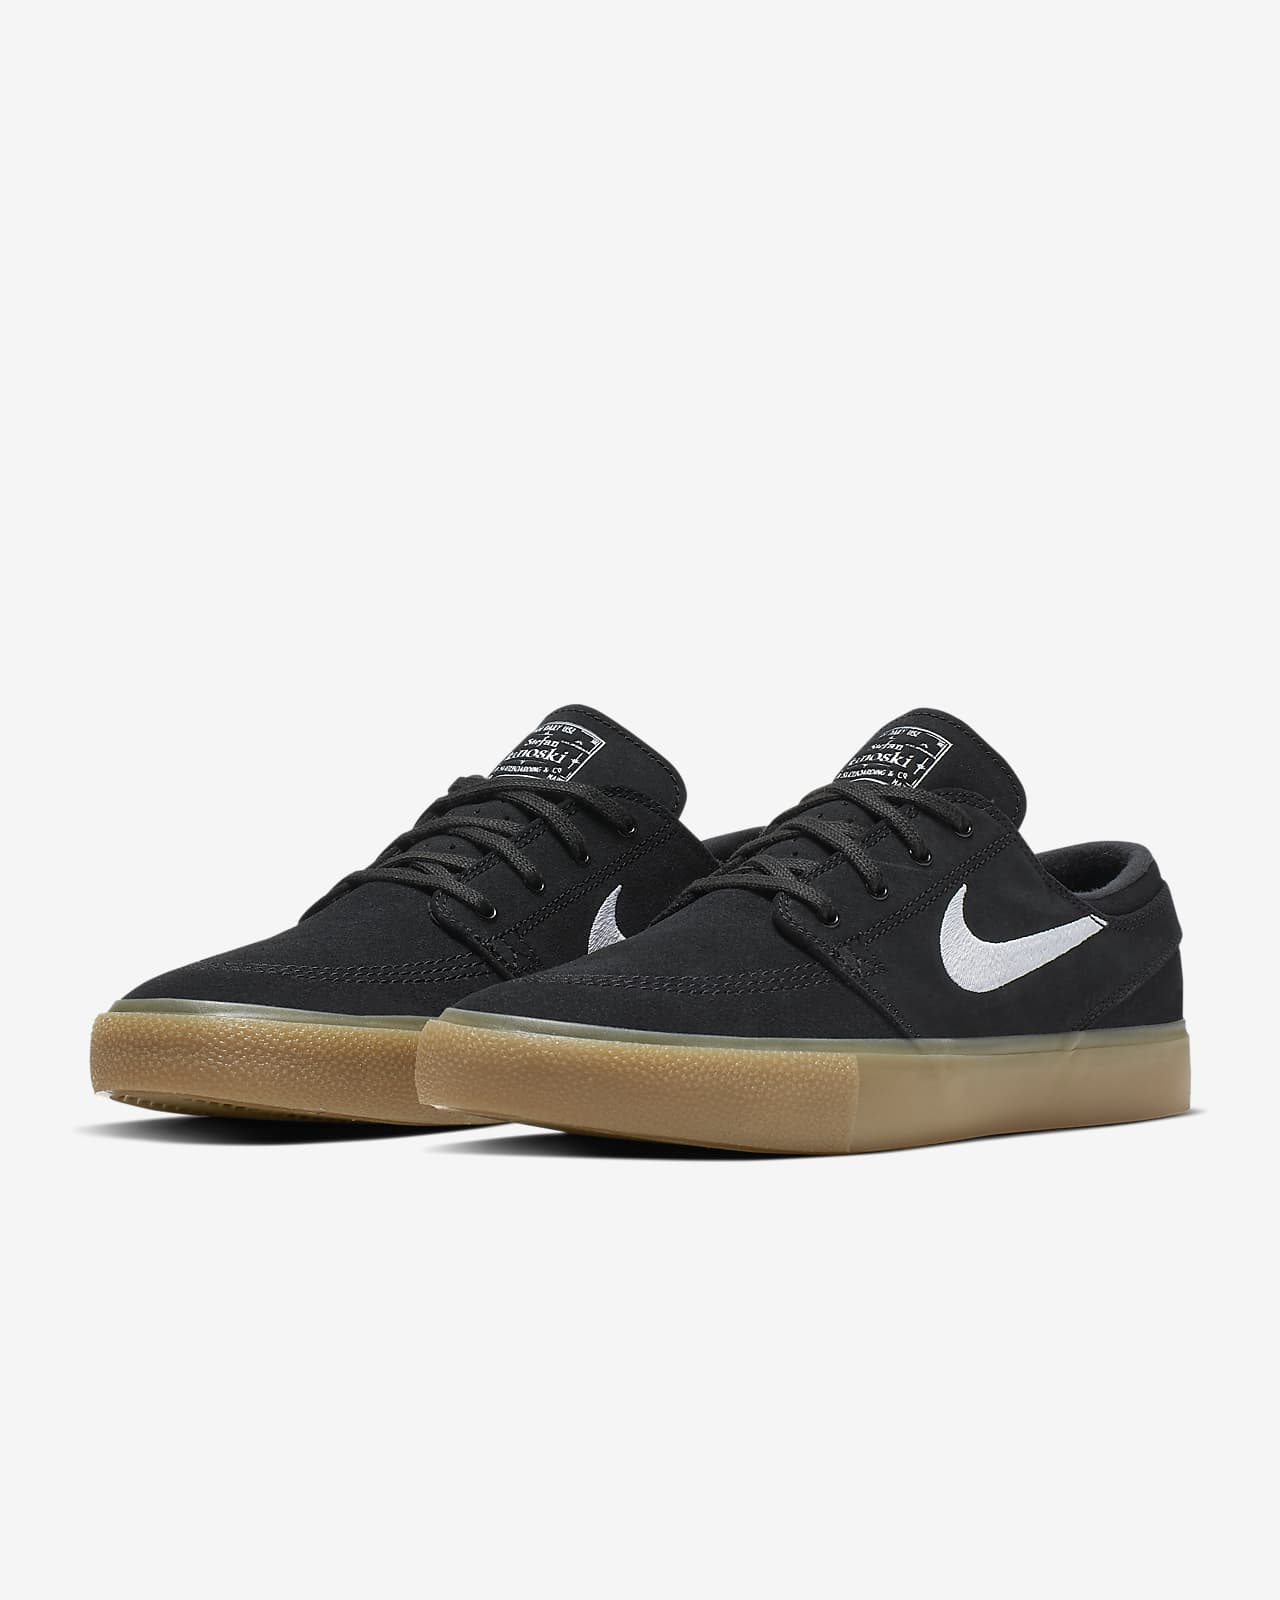 nike zapato skate